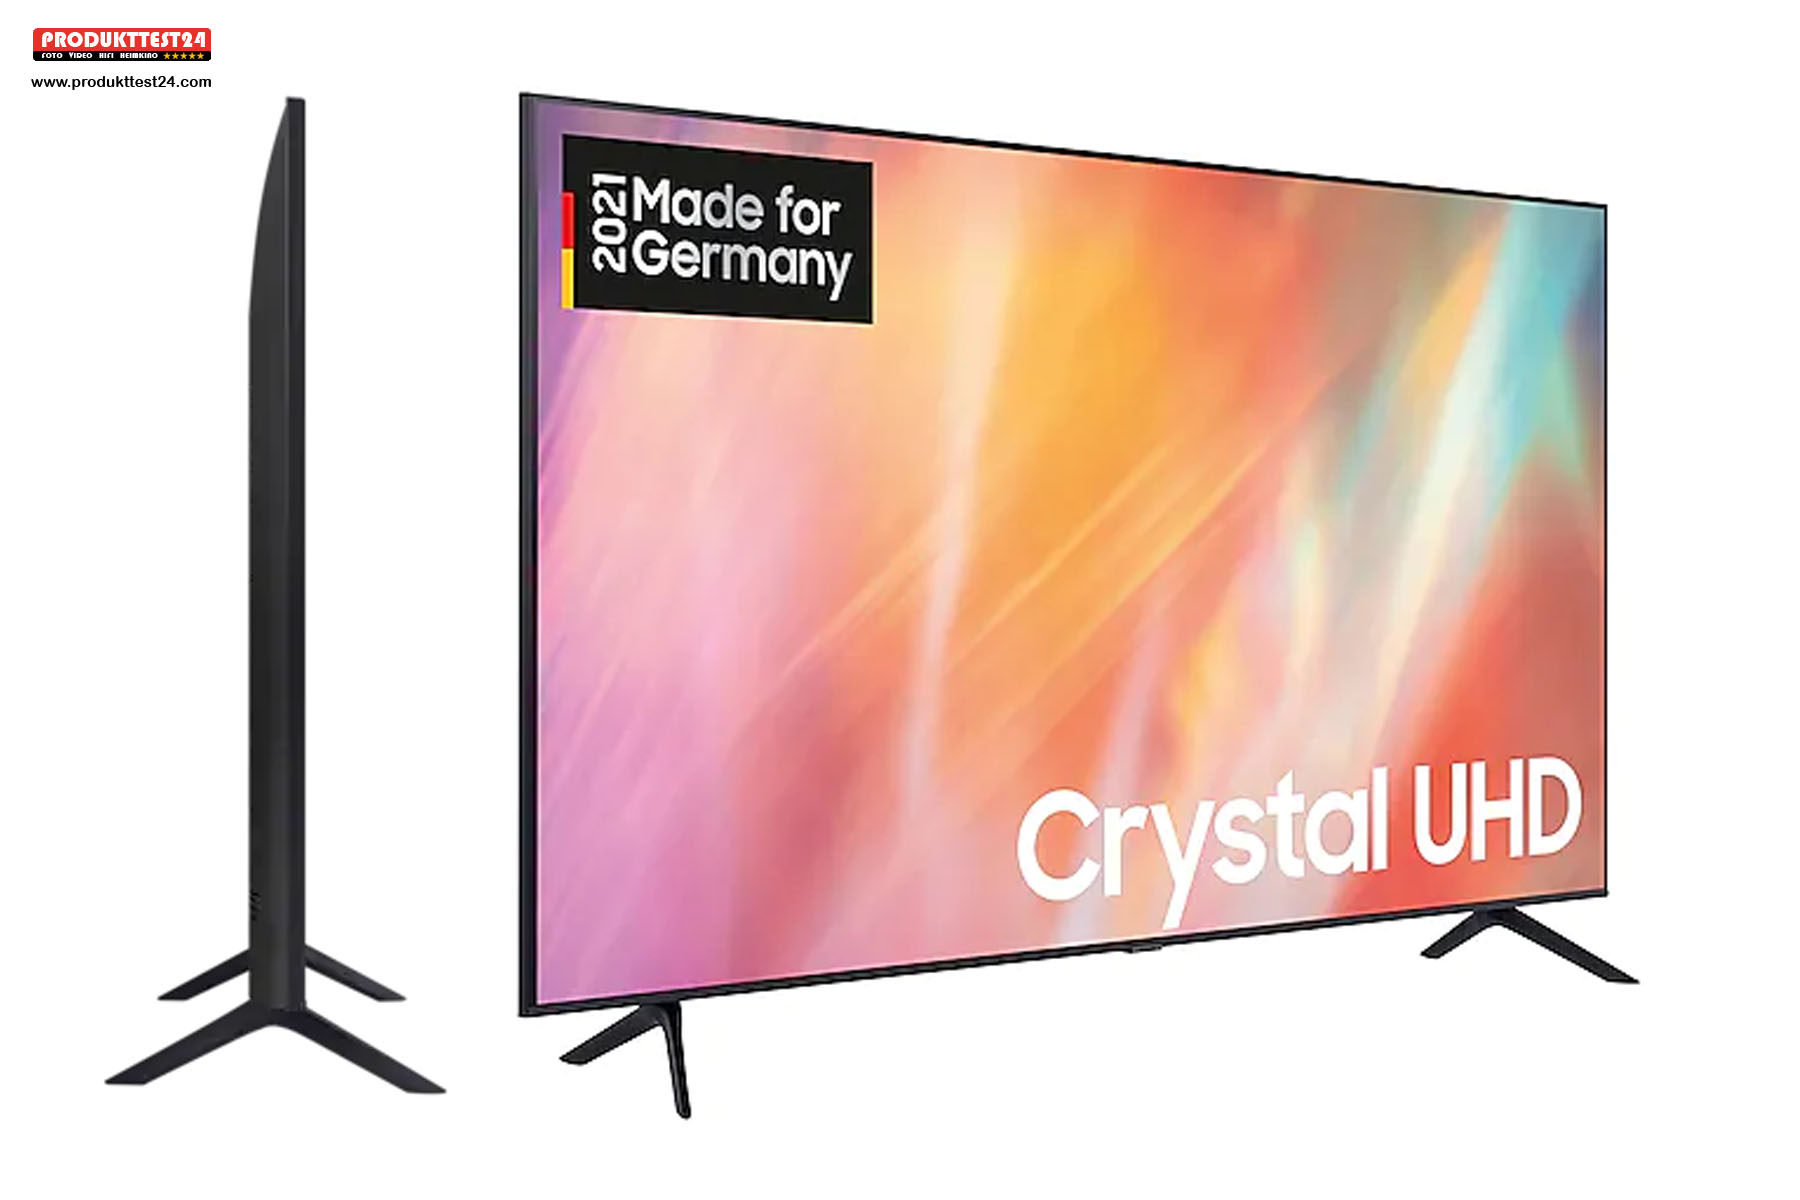 Der günstigste 4K-Fernseher mit einer Bilddiagonale von 65 Zoll von Samsung